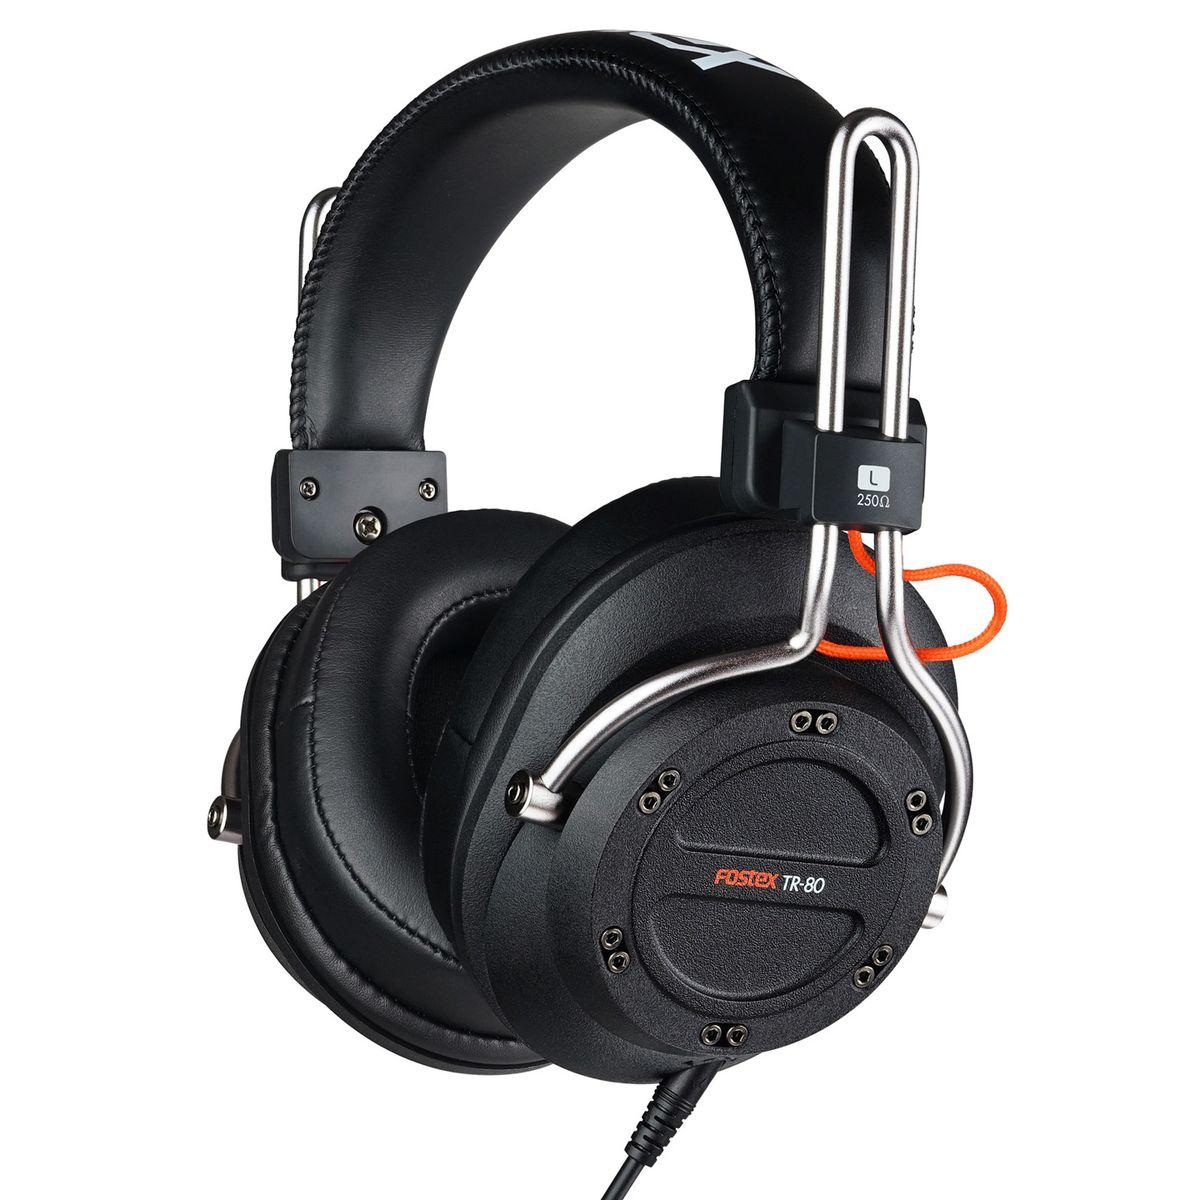 Fostex TR-80 (250 Ом) наушники4995090306308Fostex TR-80 — это усовершенствованные профессиональные динамические наушники из новой линейки. Модель имеет закрытое акустическое оформление и обеспечивает звучание студийного уровня. Каждая пара наушников поставляется с двумя видами съёмных кабелей (витой и прямой), а также с двумя наборами амбушюр: стандартной толщины и утолщёнными. Конструкция наушников обеспечивают максимальный комфорт